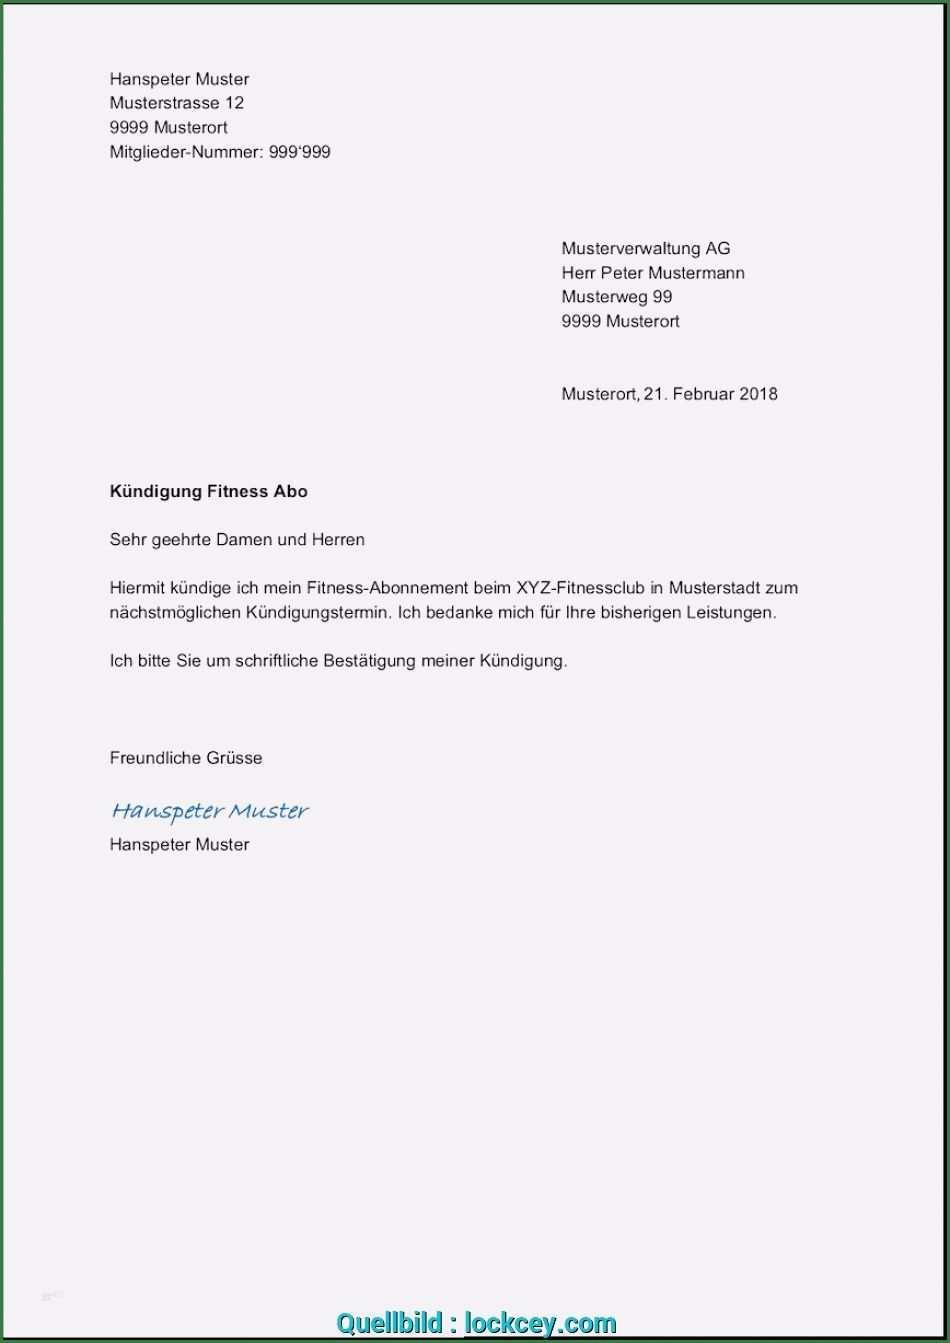 Hervorragend Vorlage Bestatigung Kundigung Mitgliedschaft Verein Fur 2020 Vorlagen Word Vorlagen Kundigung